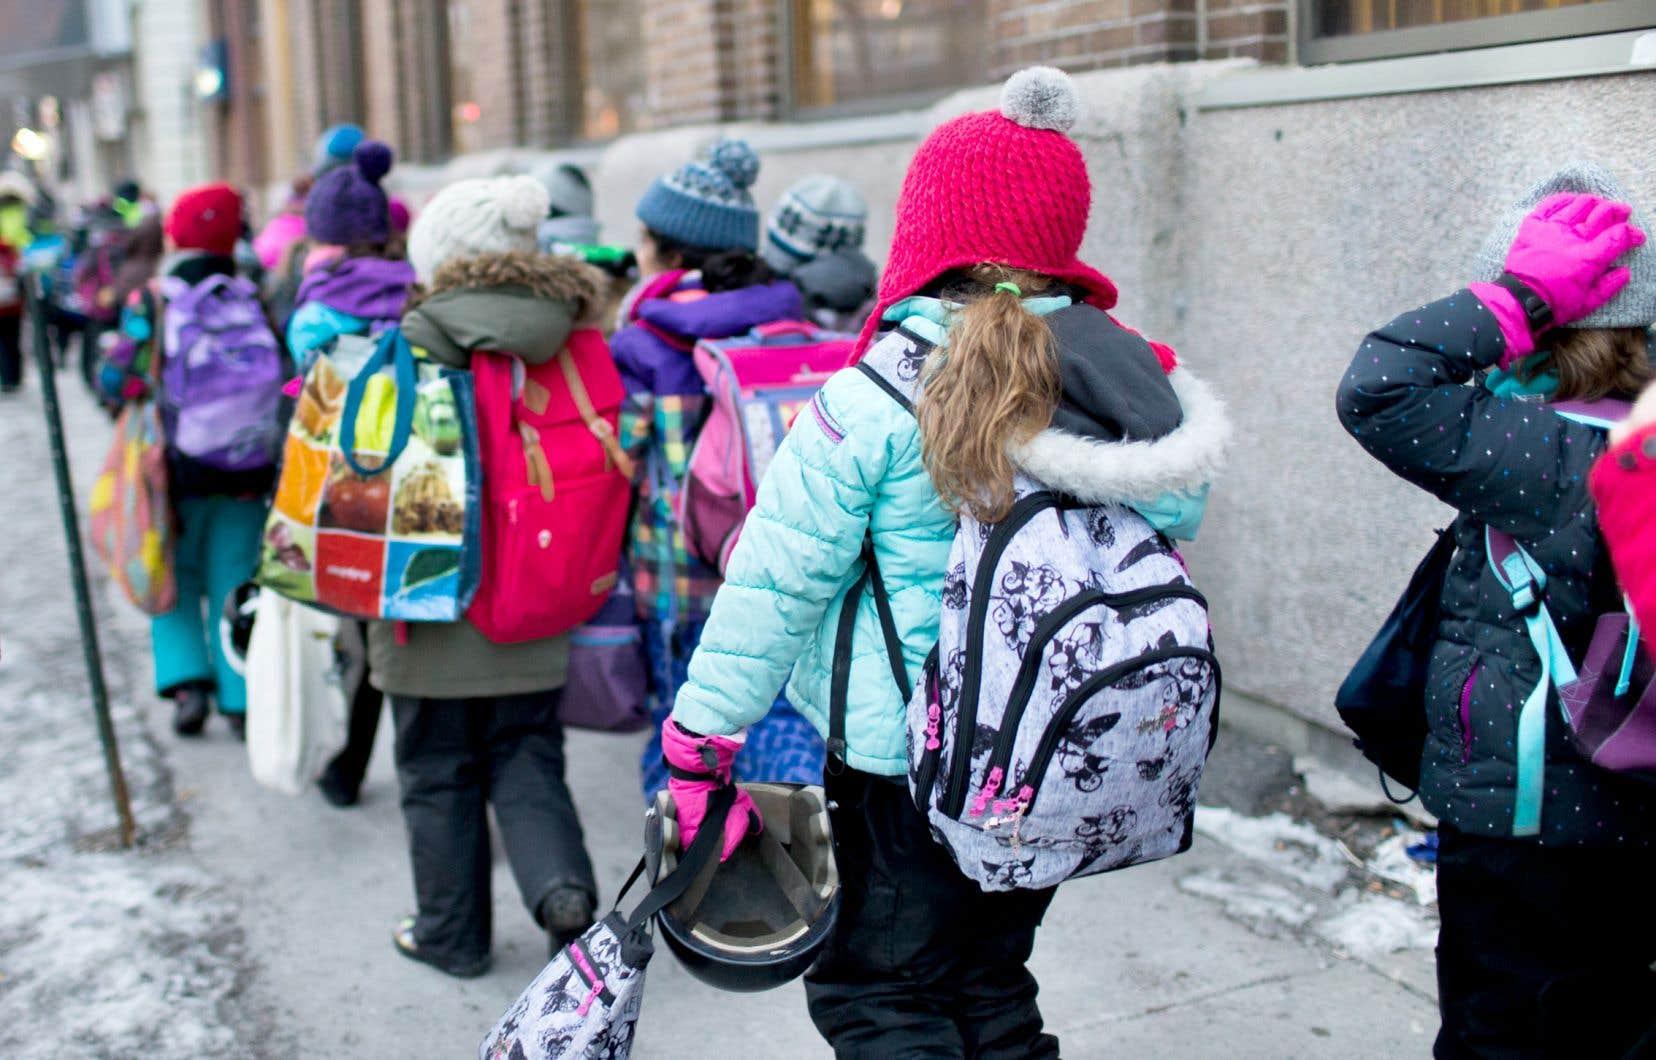 Le Conseil supérieur de l'éducation a déclaré dans un rapport, en 2016, que l'école québécoise est la plus inégalitaire au pays.